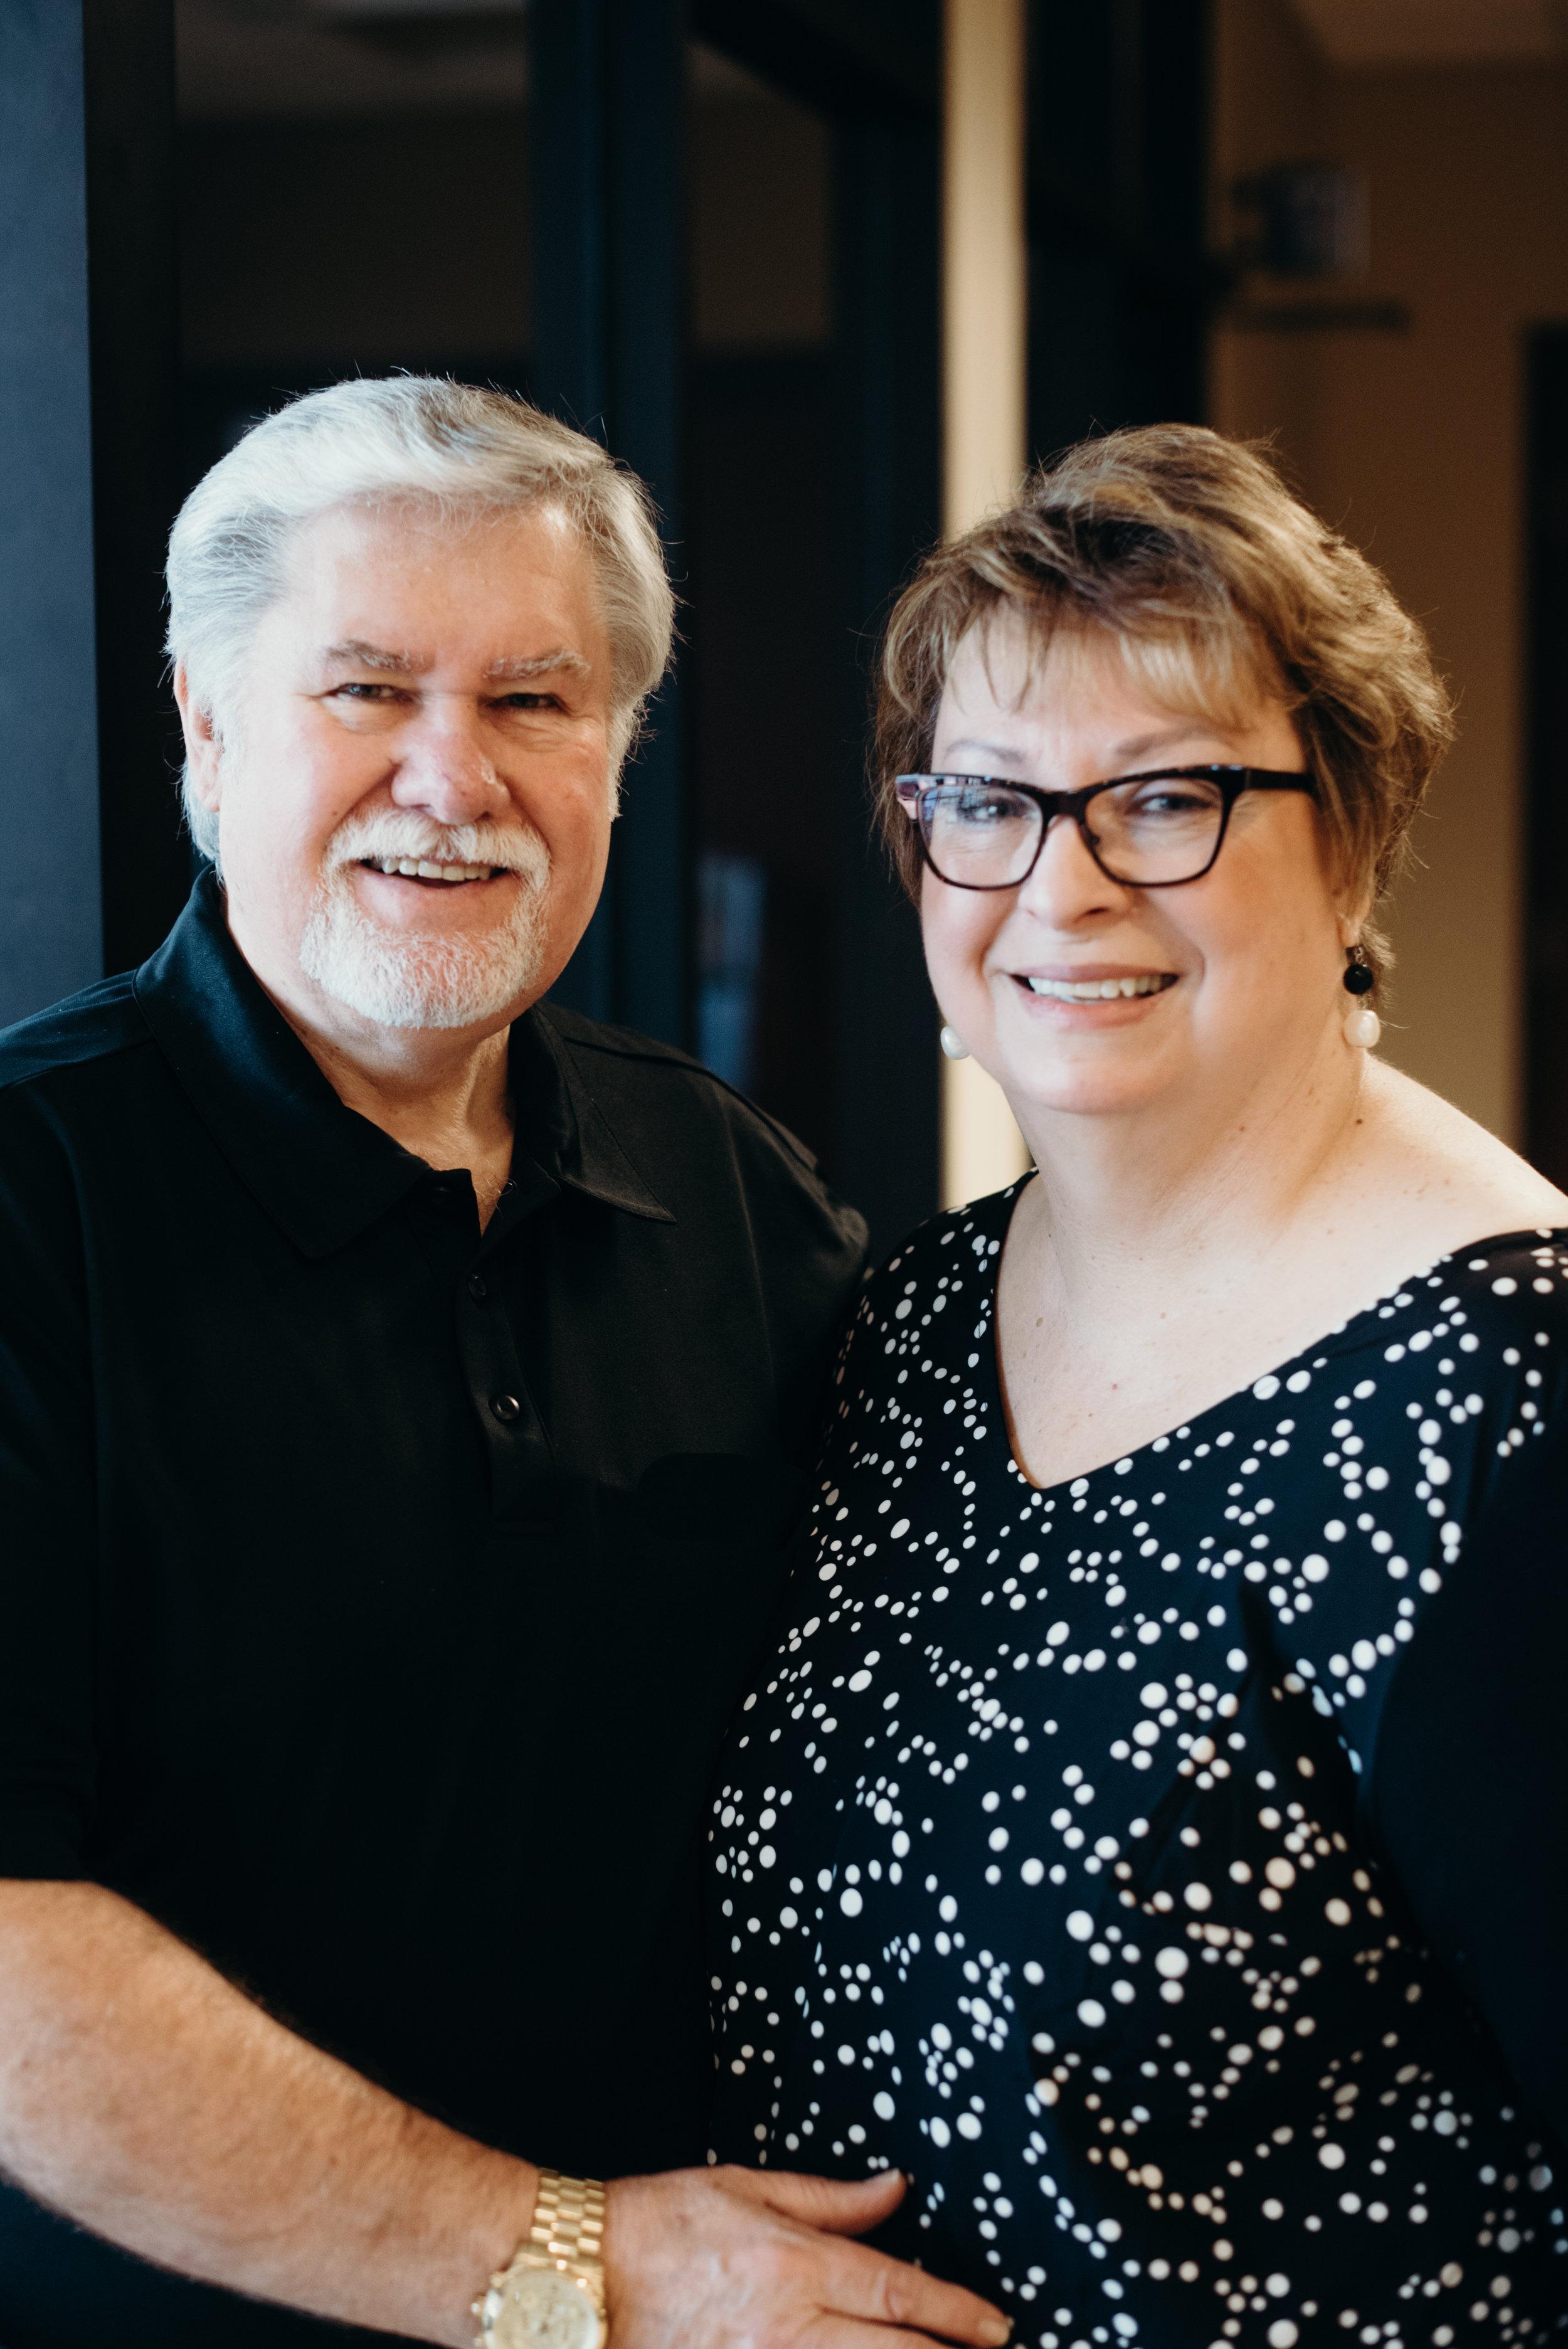 Jim & Brenda Thrasher